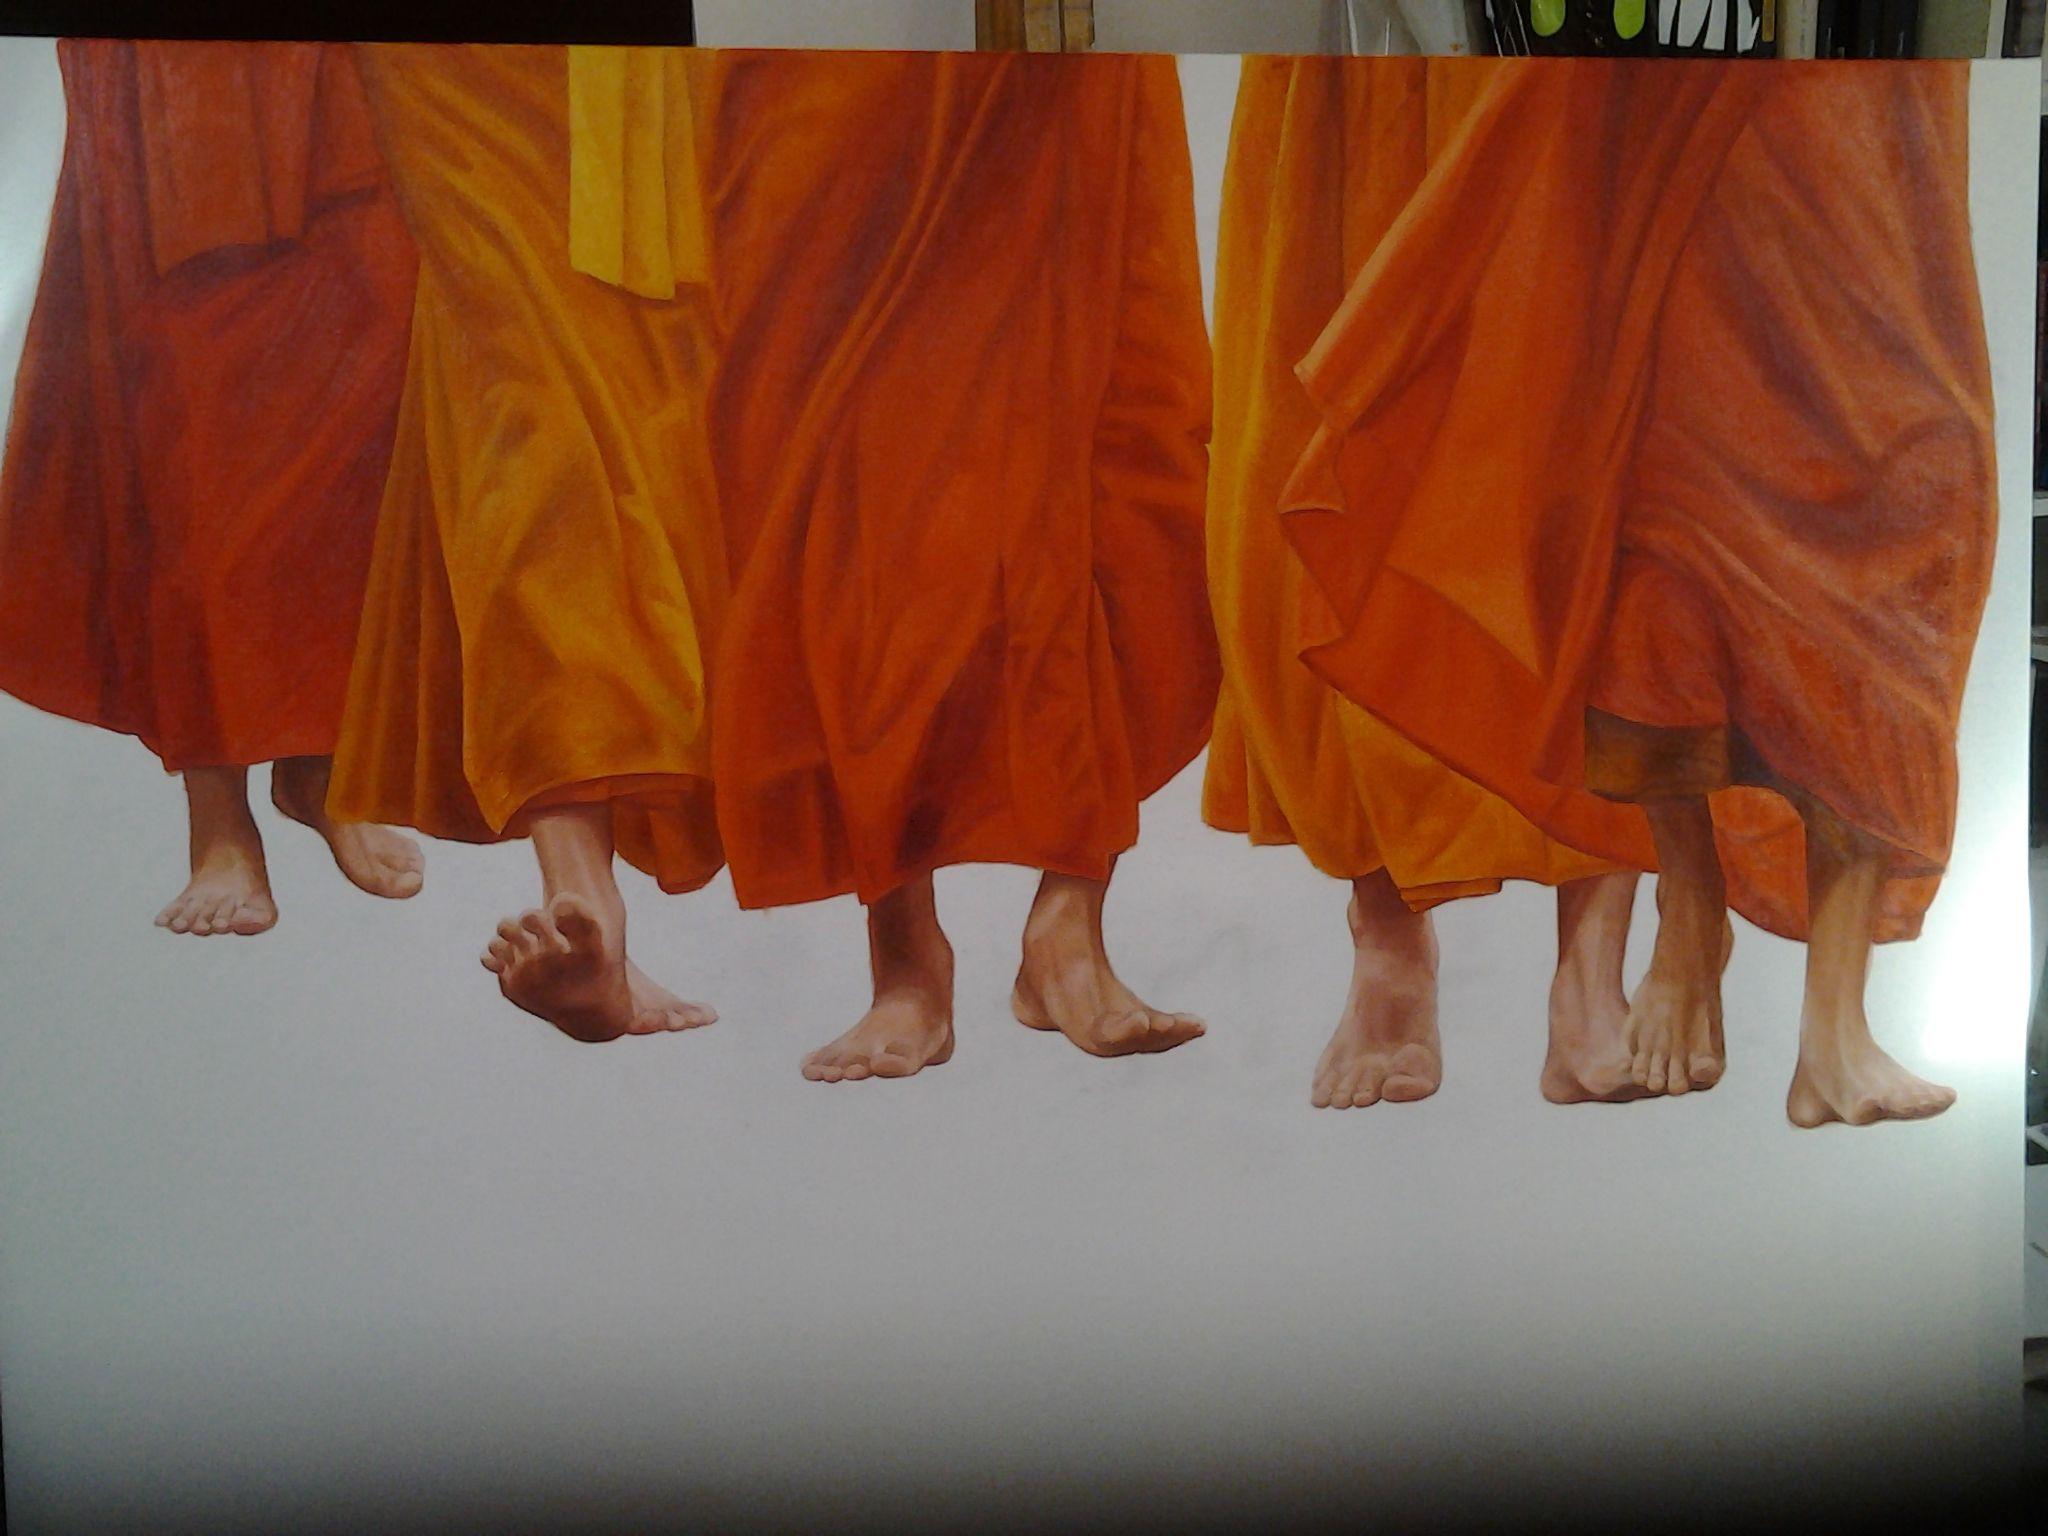 Waarom monniken ook oranje dragen oranje is een zeer warme